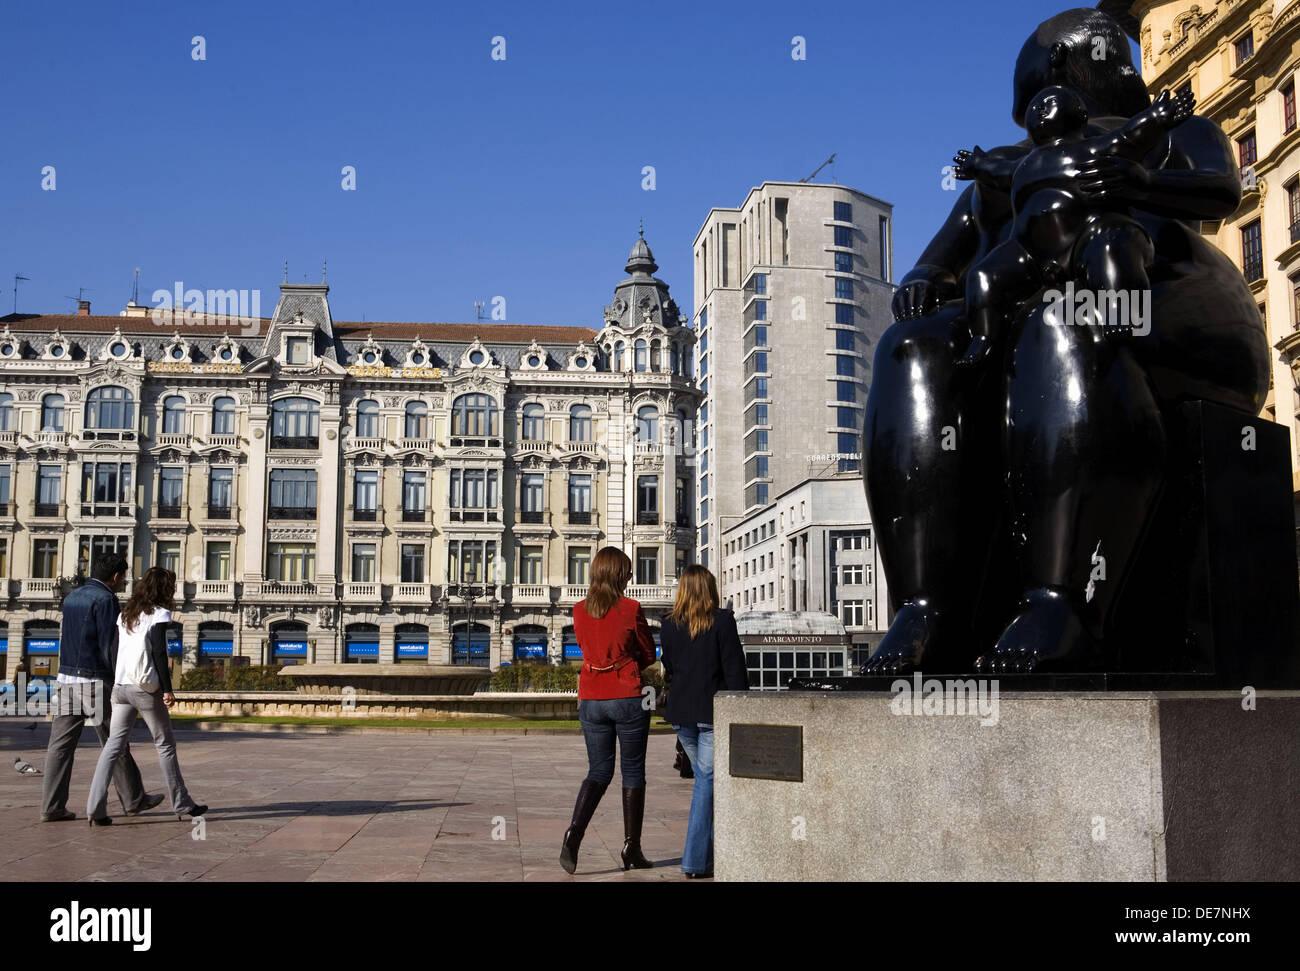 L'Espagne. Les Asturies. Oviedo. Statue maternité dans Escandalera Square. Photo Stock